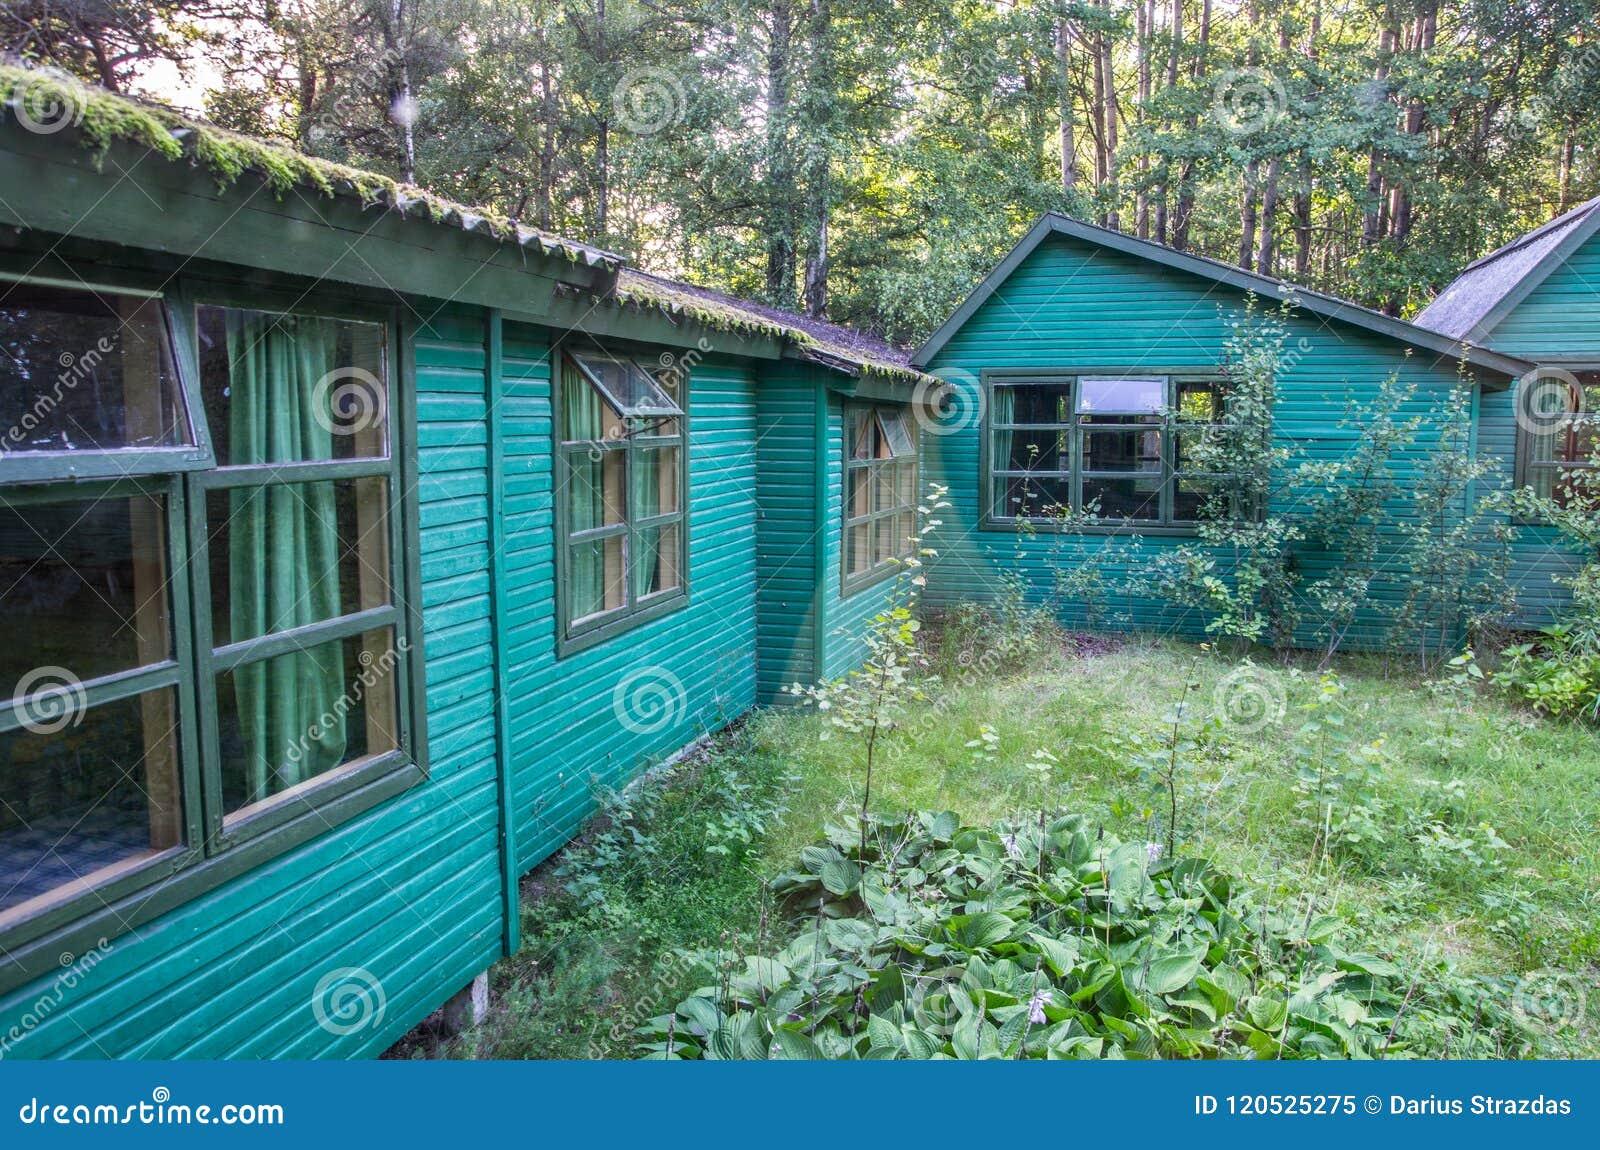 Case Piccole In Legno : Piccole case di legno in foresta immagine stock immagine di